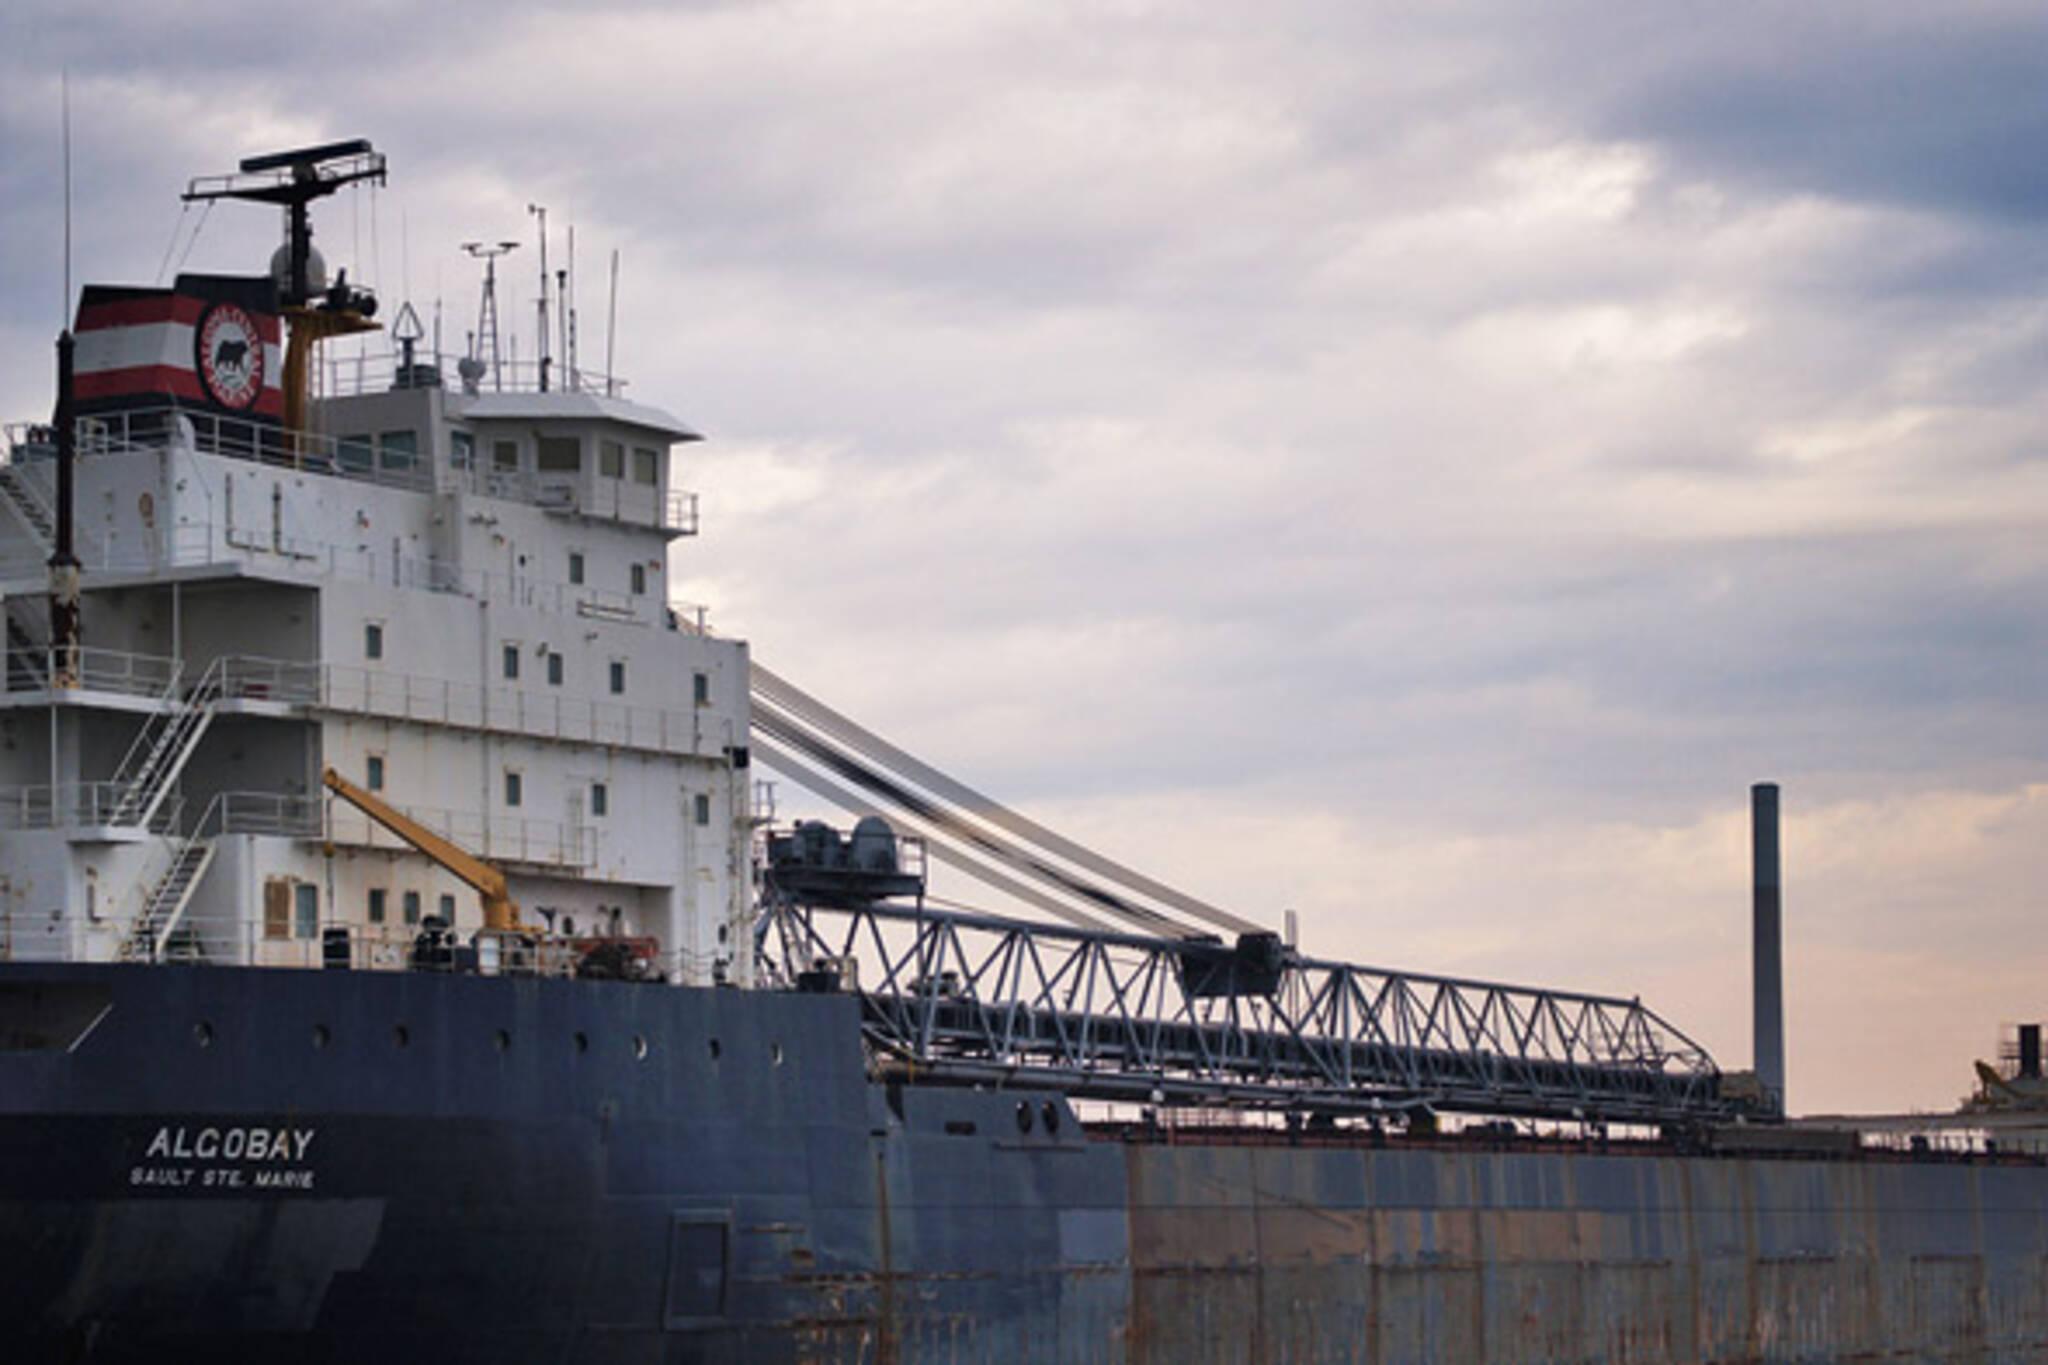 Algobay docked in Toronto Portlands